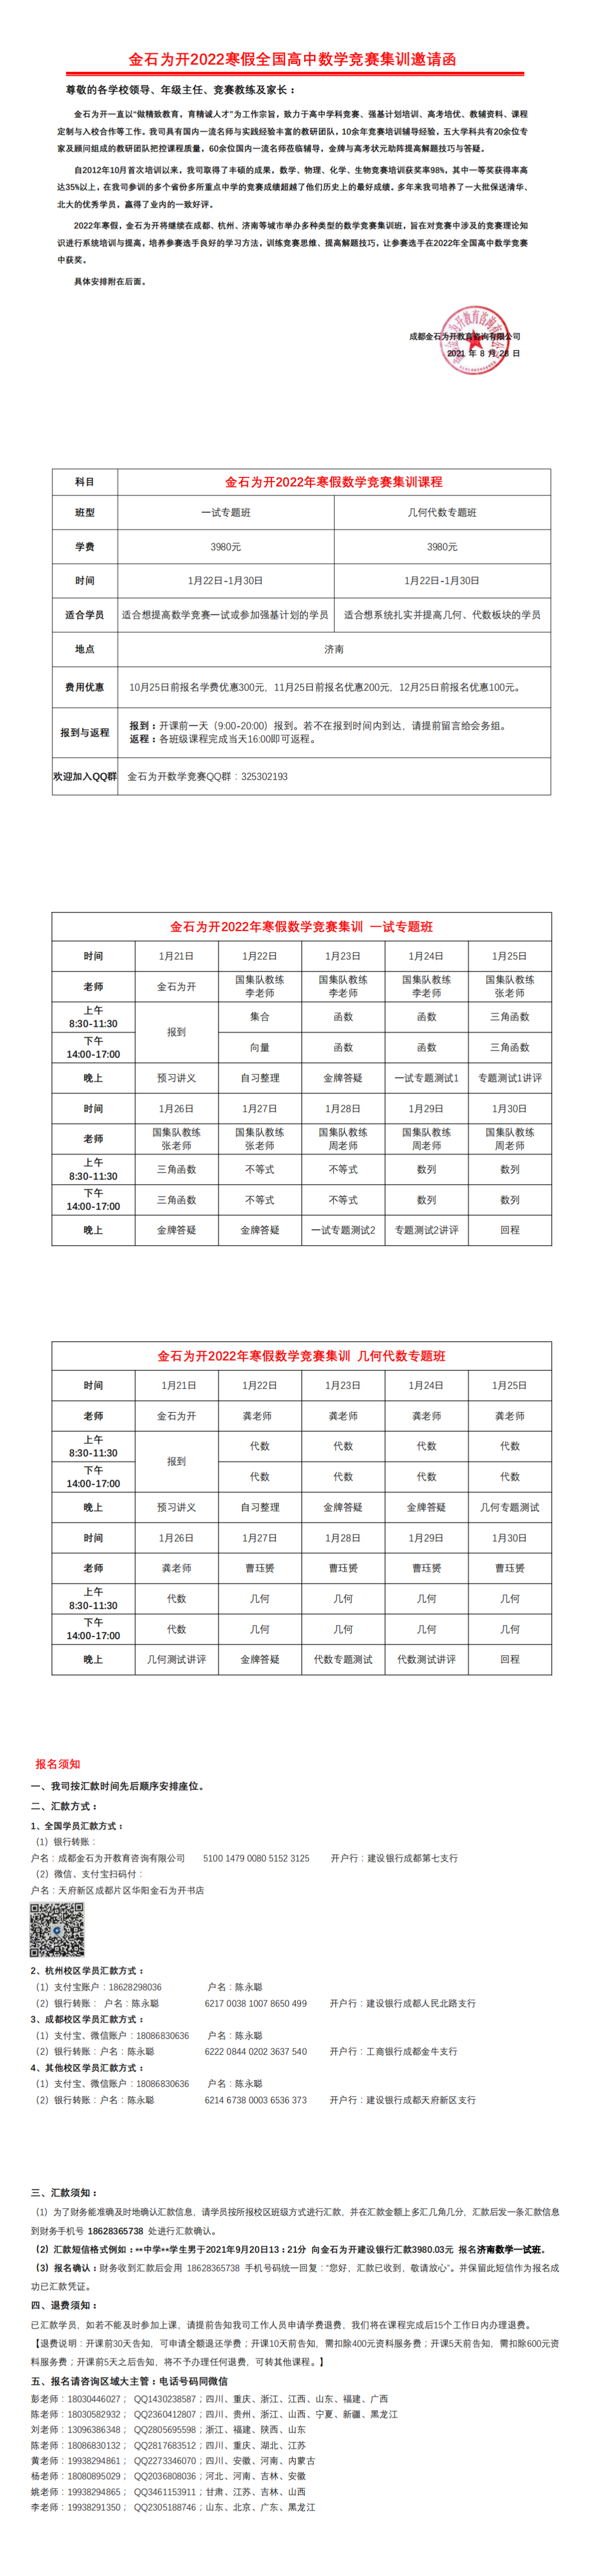 (济南数学)金石为开2022寒假竞赛集训邀请函_0.png